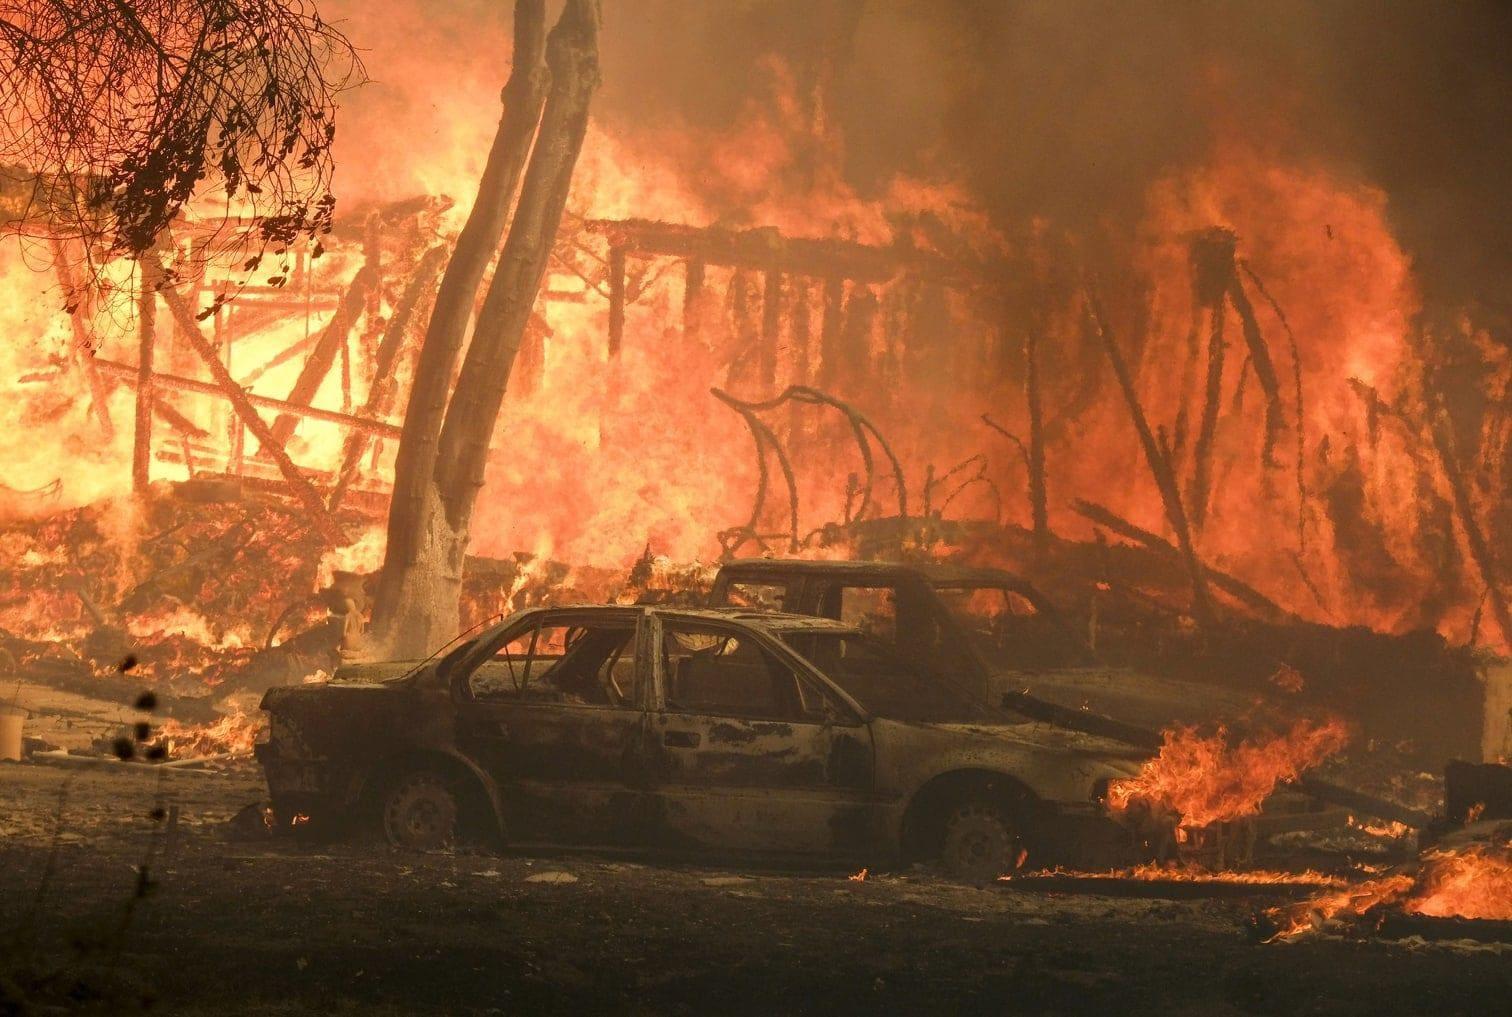 <p>Neben dem sogenannten Camp Fire mit einer Größe von mehr als 30.000 Hektar in der Gegend von Paradise tobten im Süden des Staates